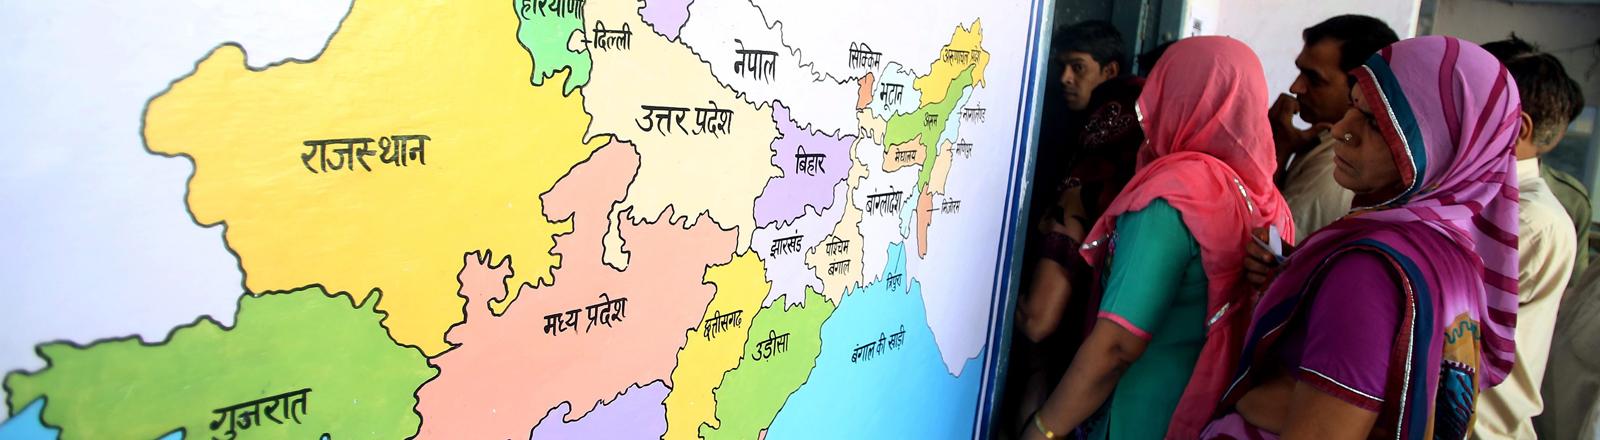 Wähler neben einer Karte von Indien in Tigaon im Staat Haryana